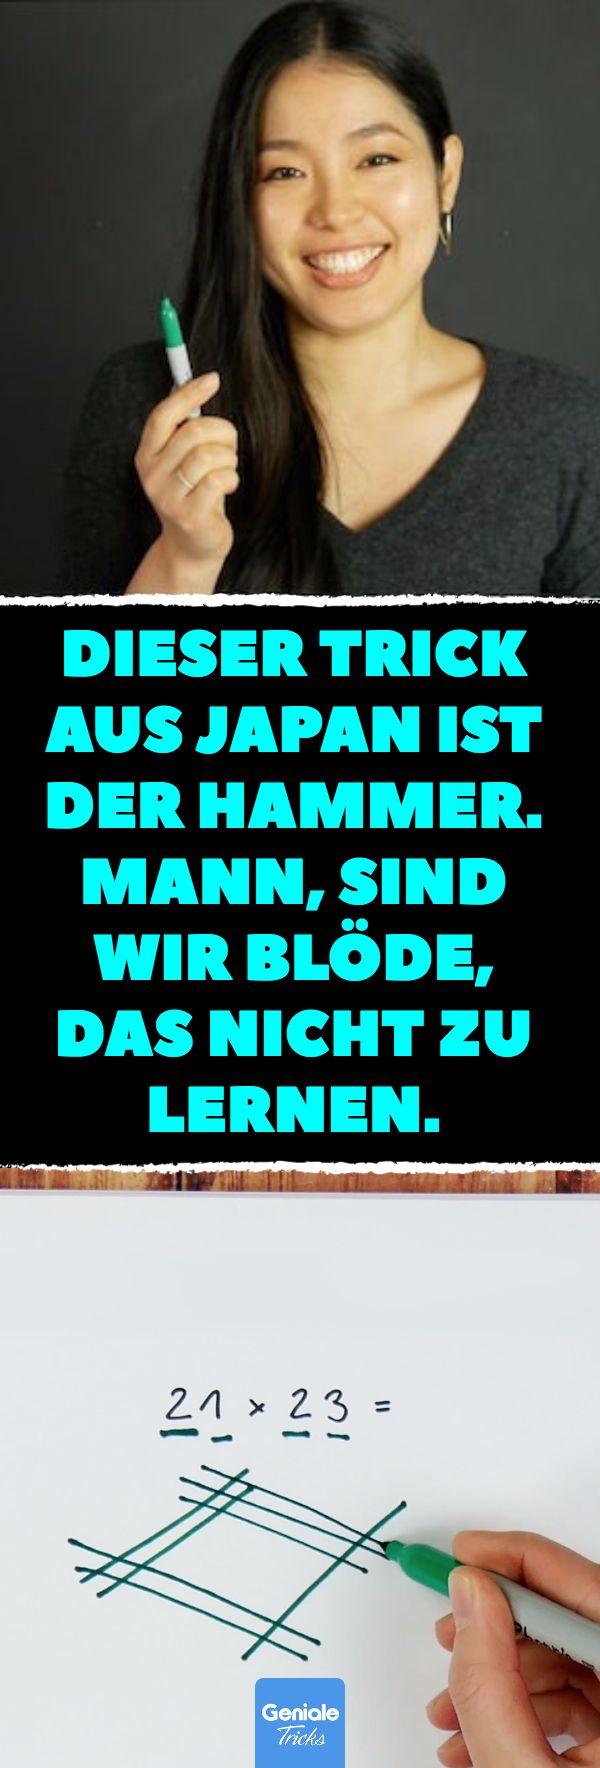 Dieser Trick aus Japan ist der Hammer. Mann, sind wir blöde, das nicht zu lerne…